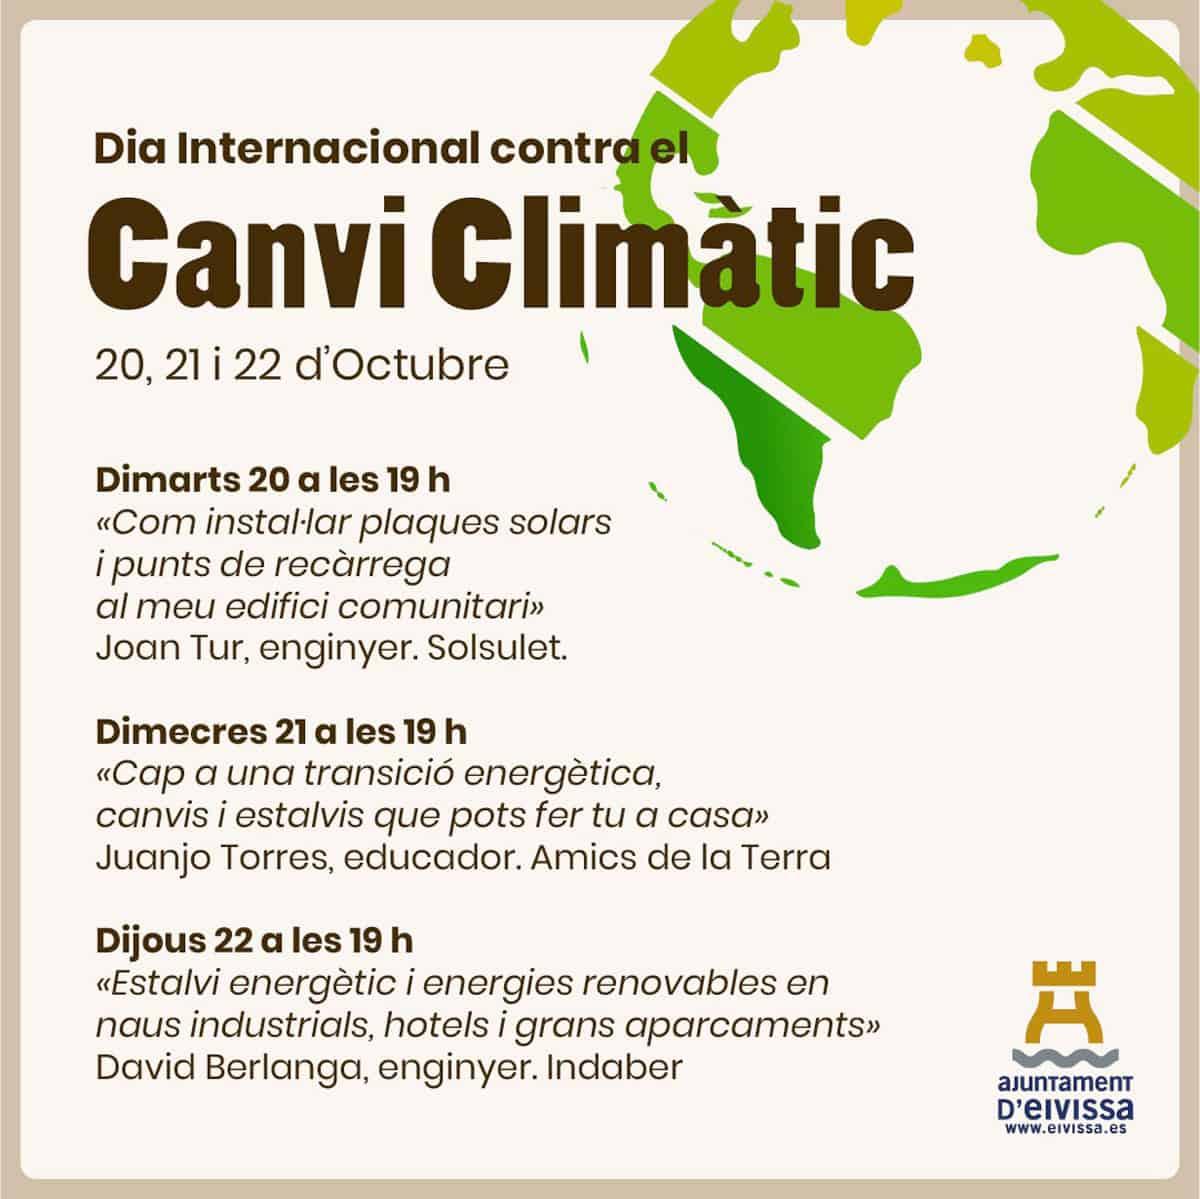 dia-internacional-contra-el-cambio-climatico-ibiza-2020-welcometoibiza